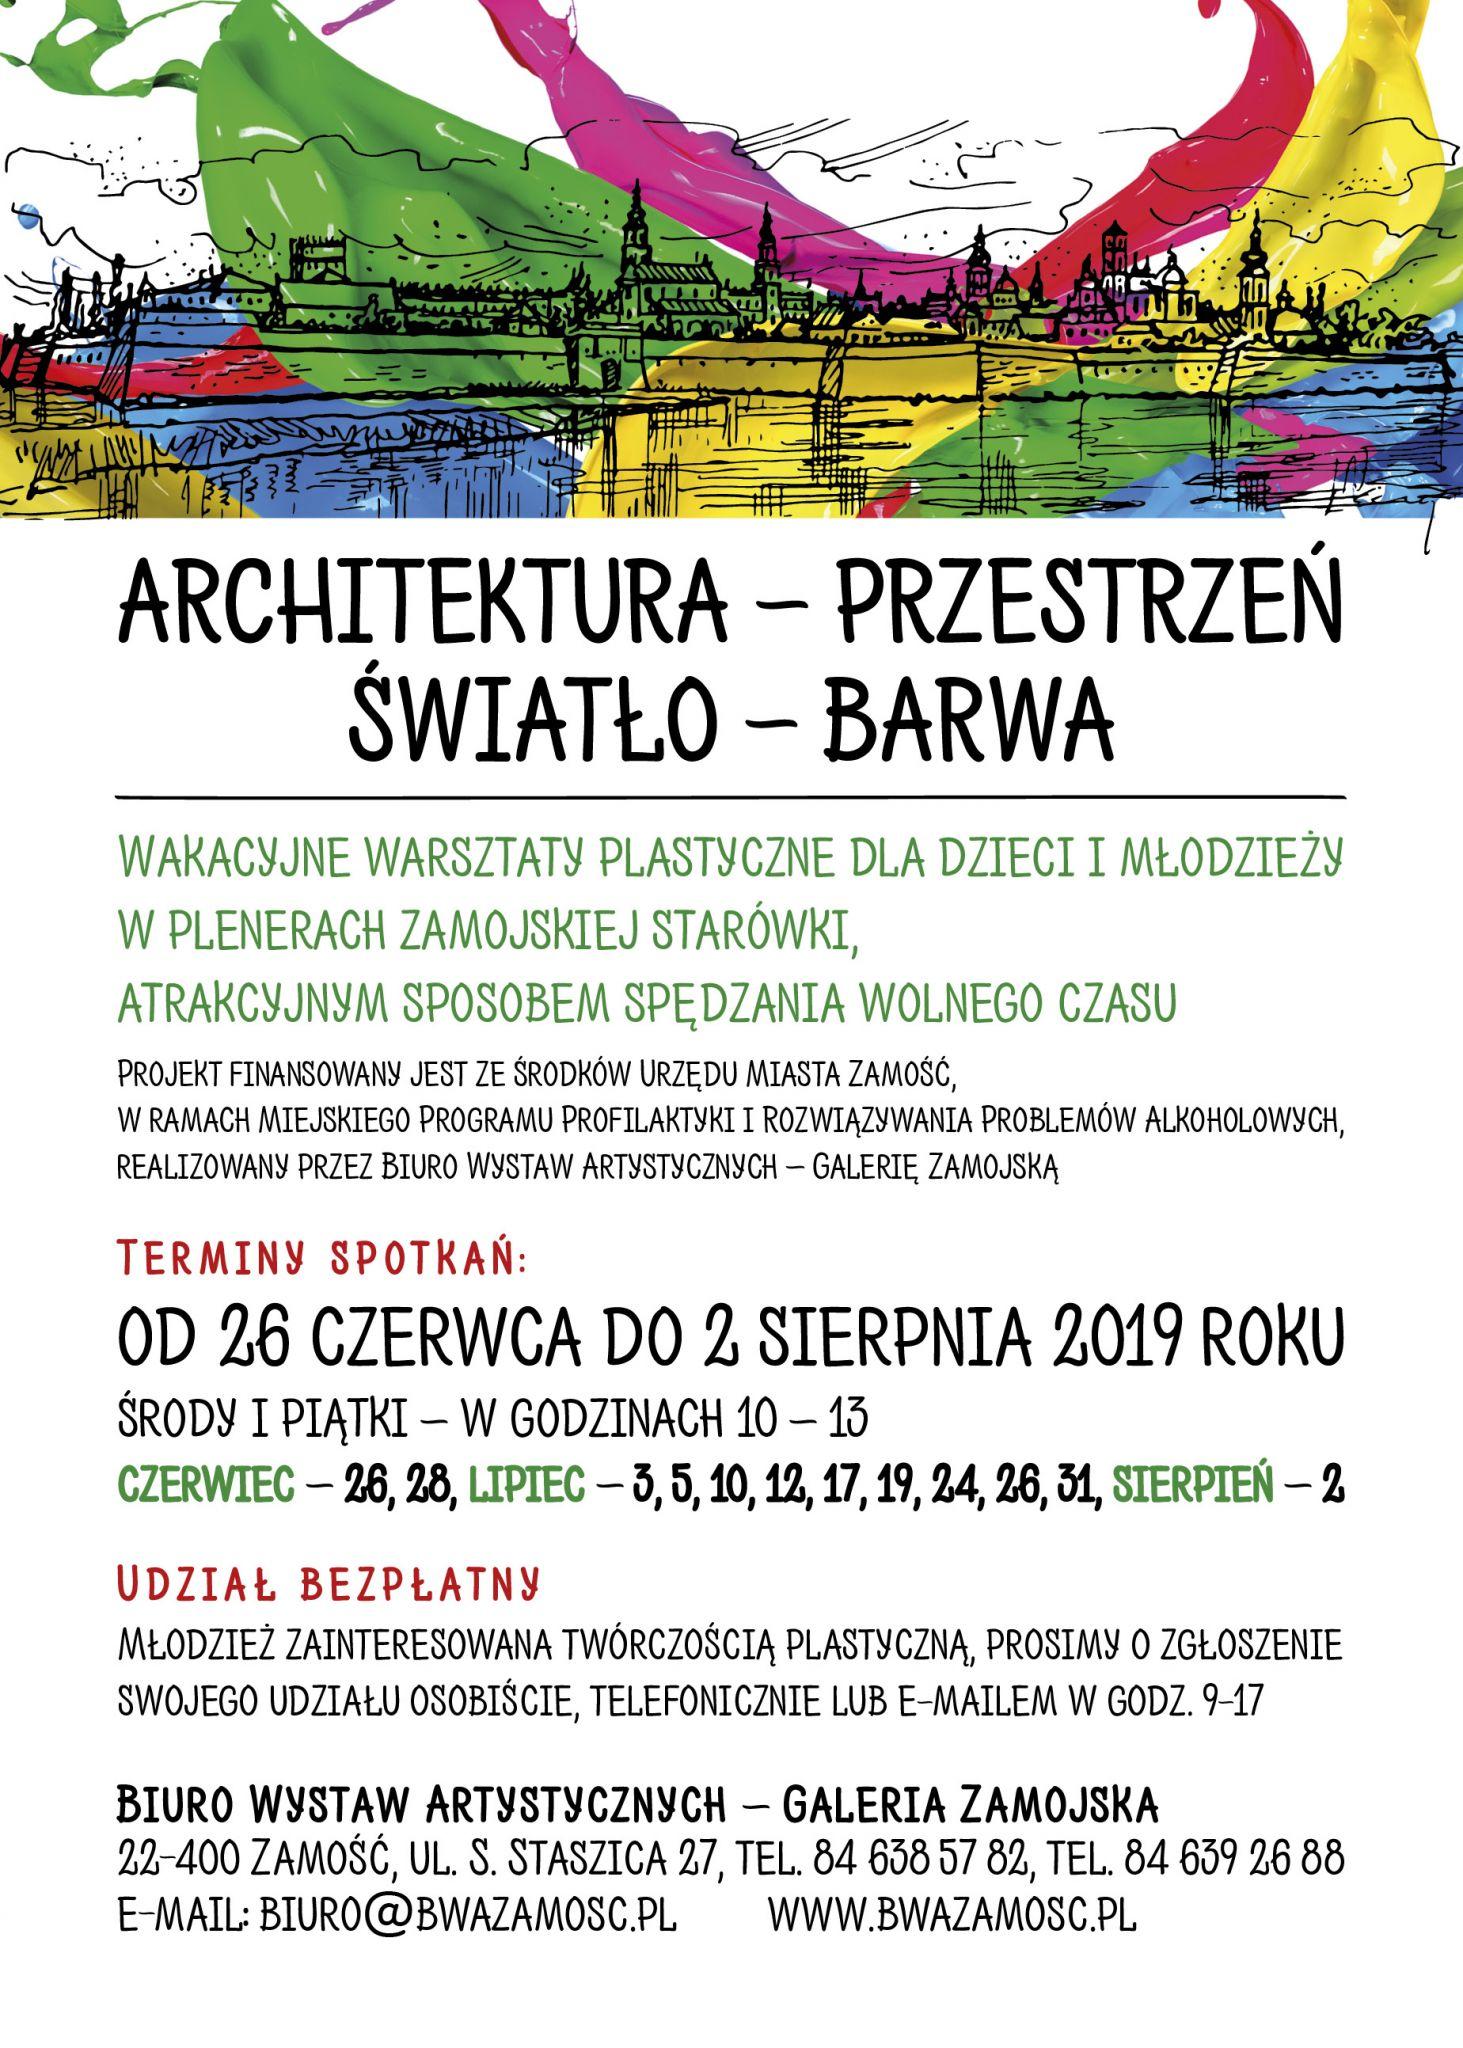 warsztaty wakacyjne 2019 Wakacyjne warsztaty plastyczne dla dzieci i młodzieży w plenerachzamojskiej Starówki